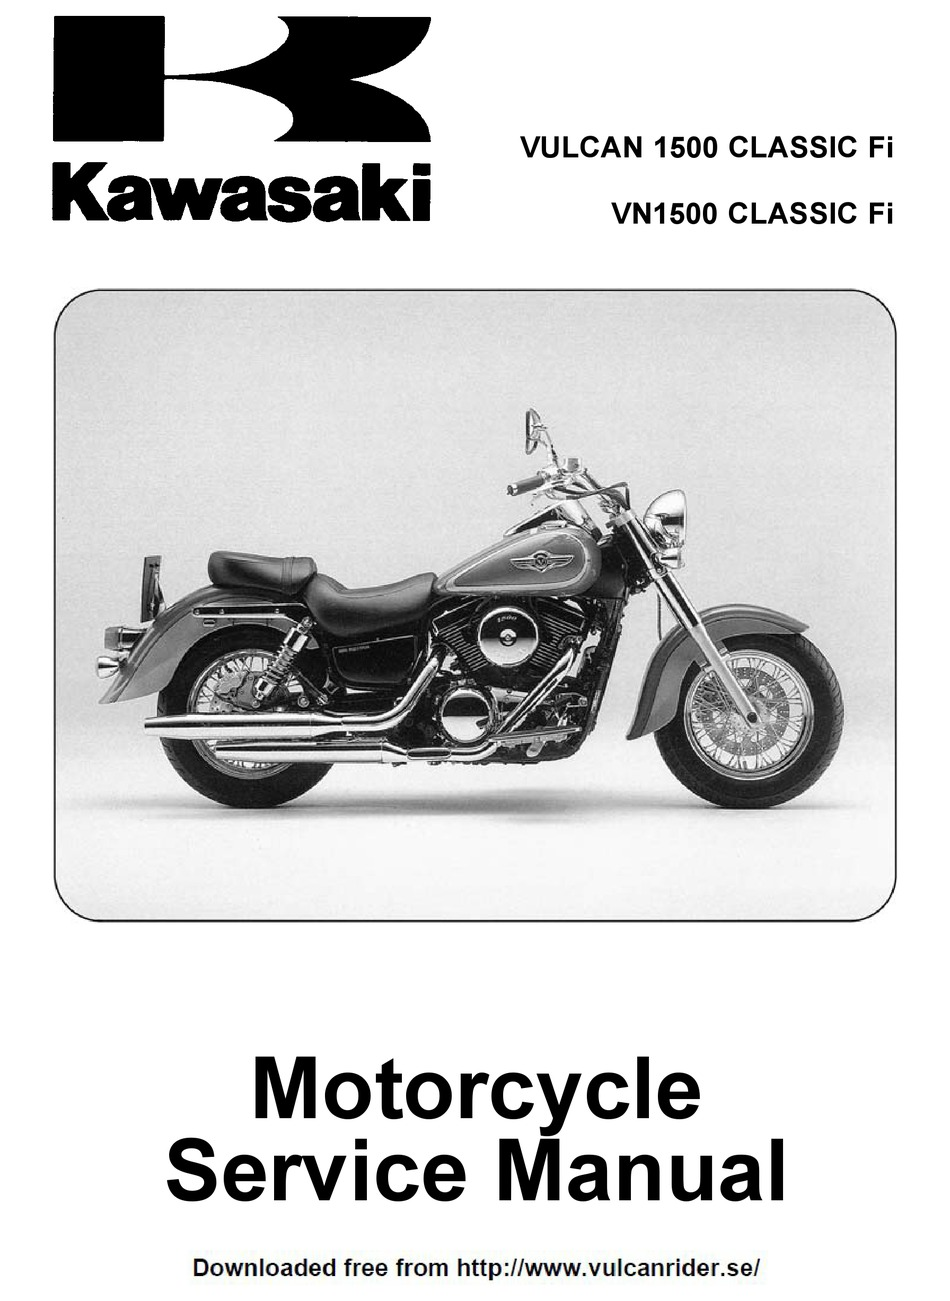 KAWASAKI VULCAN 1500 CLASSIC FI SERVICE MANUAL Pdf Download | ManualsLib | 1997 Vulcan Wiring Diagram |  | ManualsLib